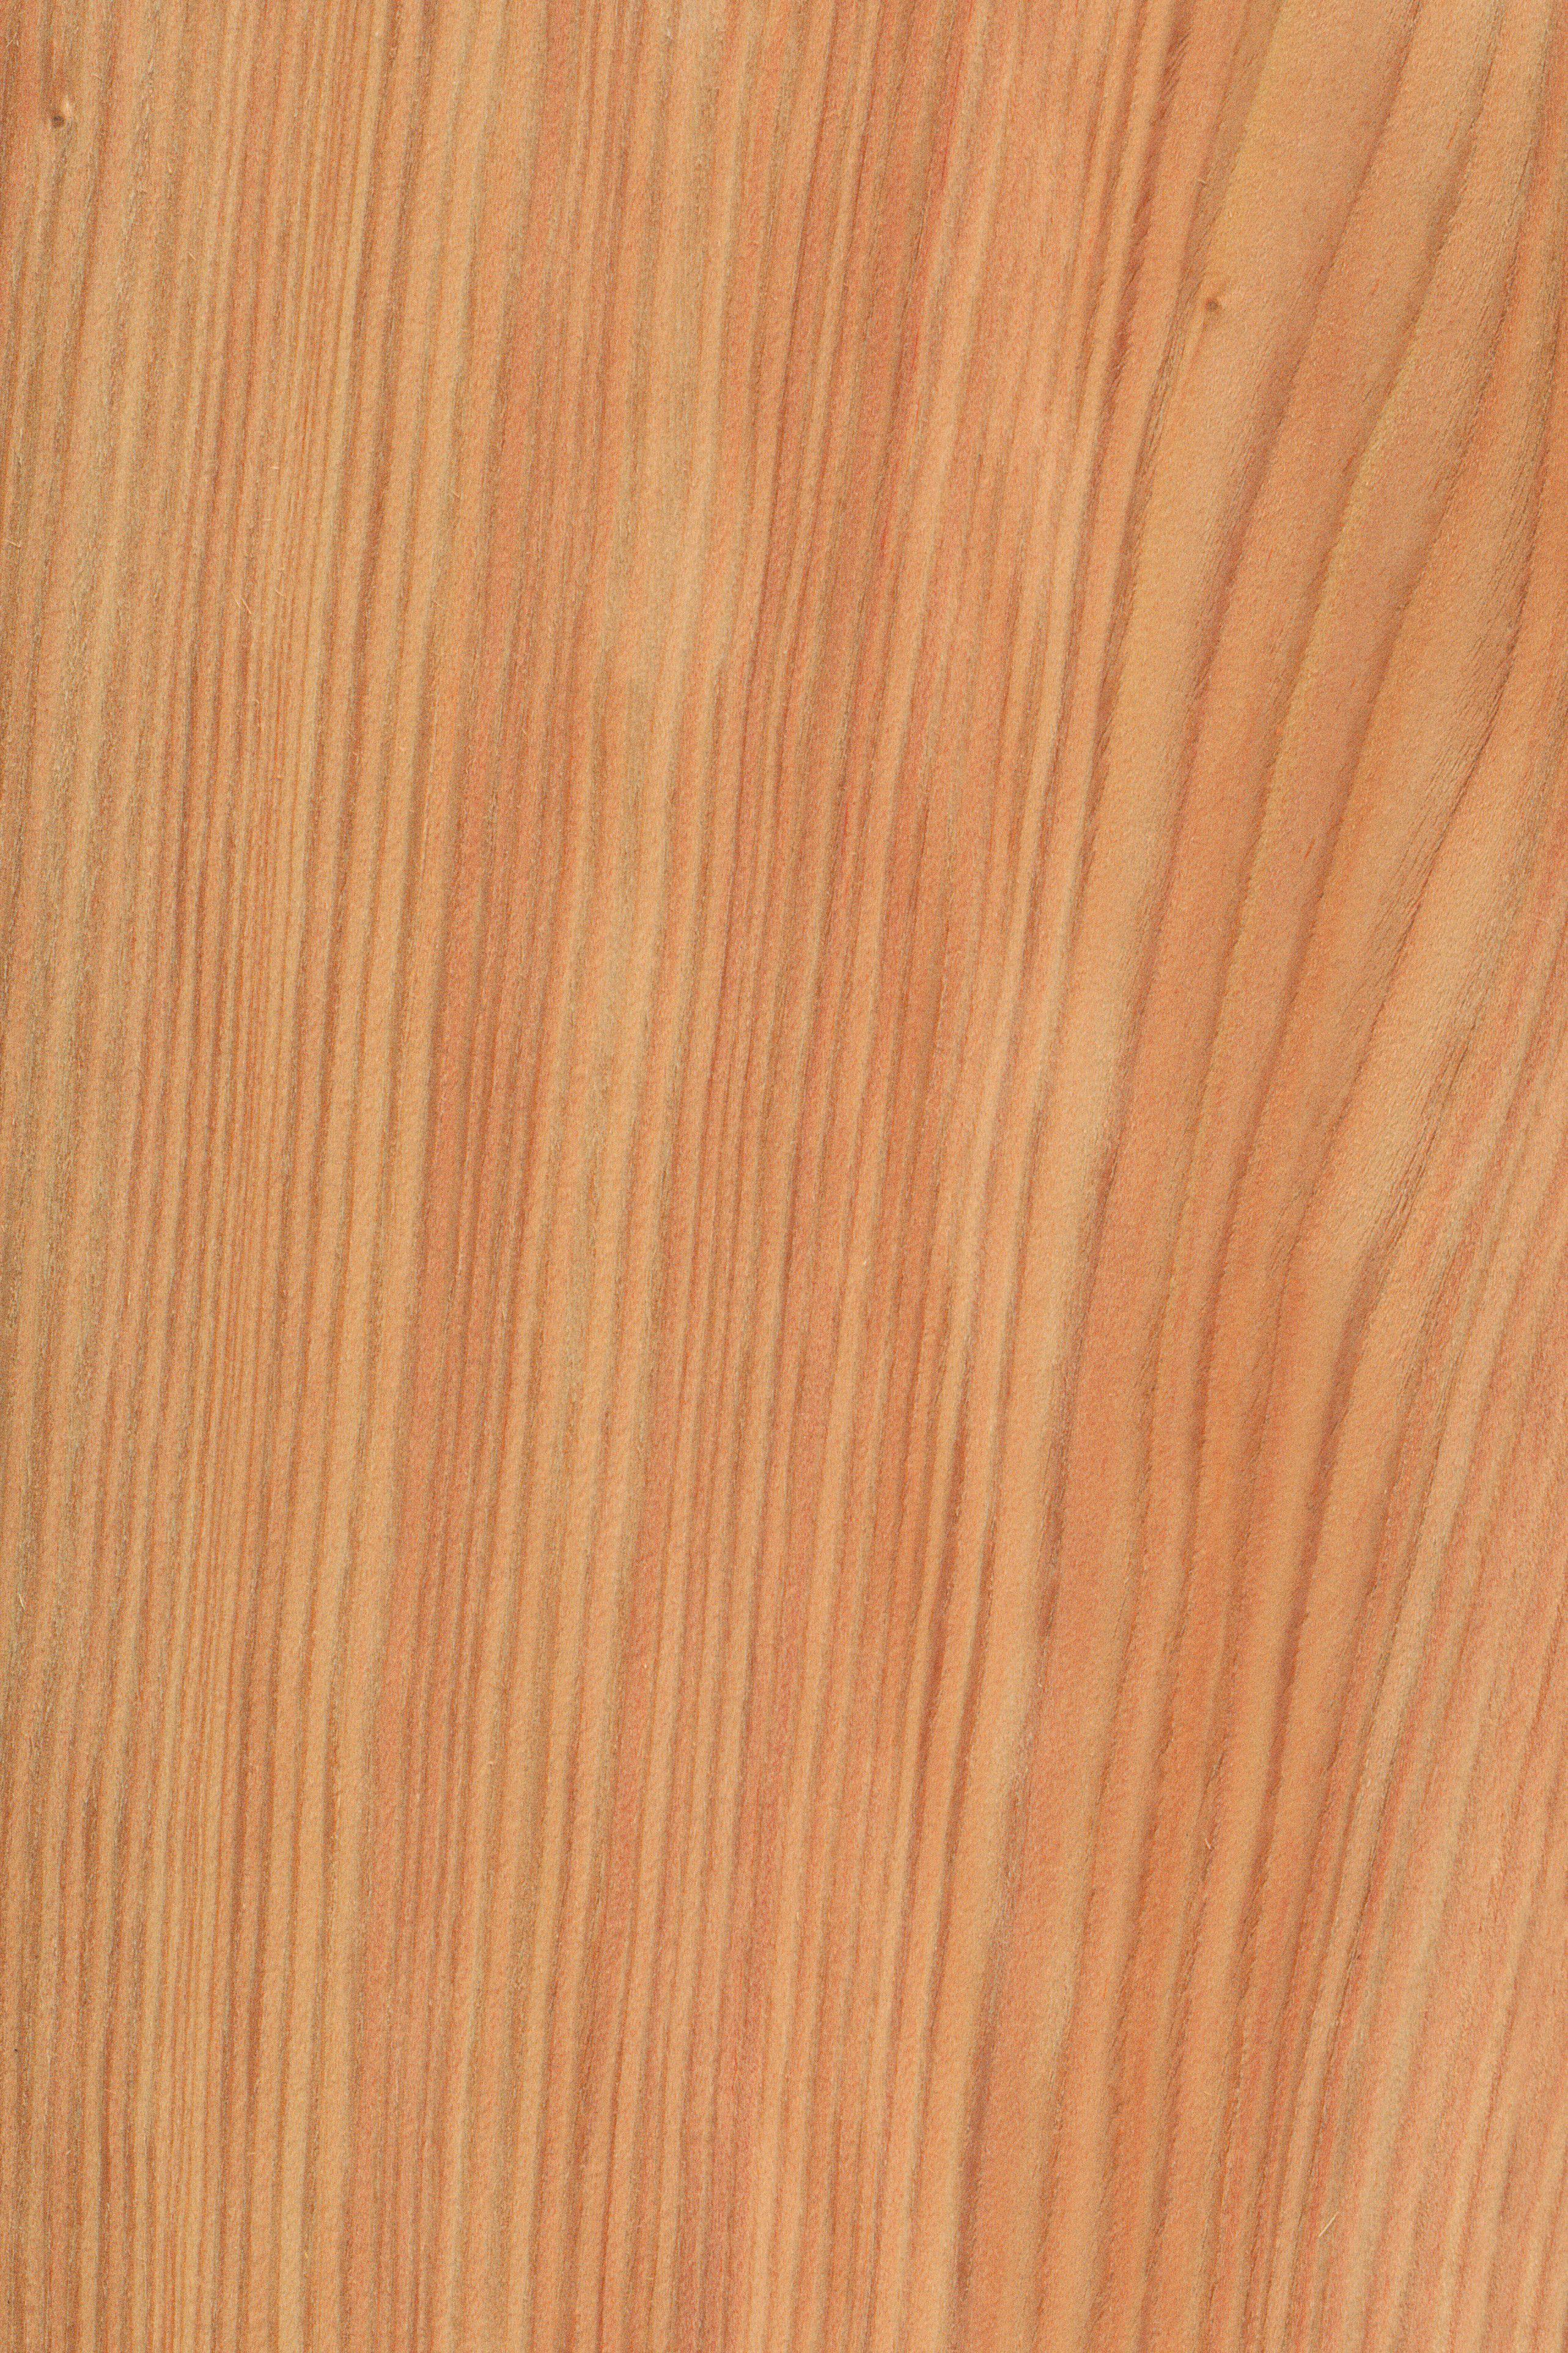 Pin On Leben Mit Holz